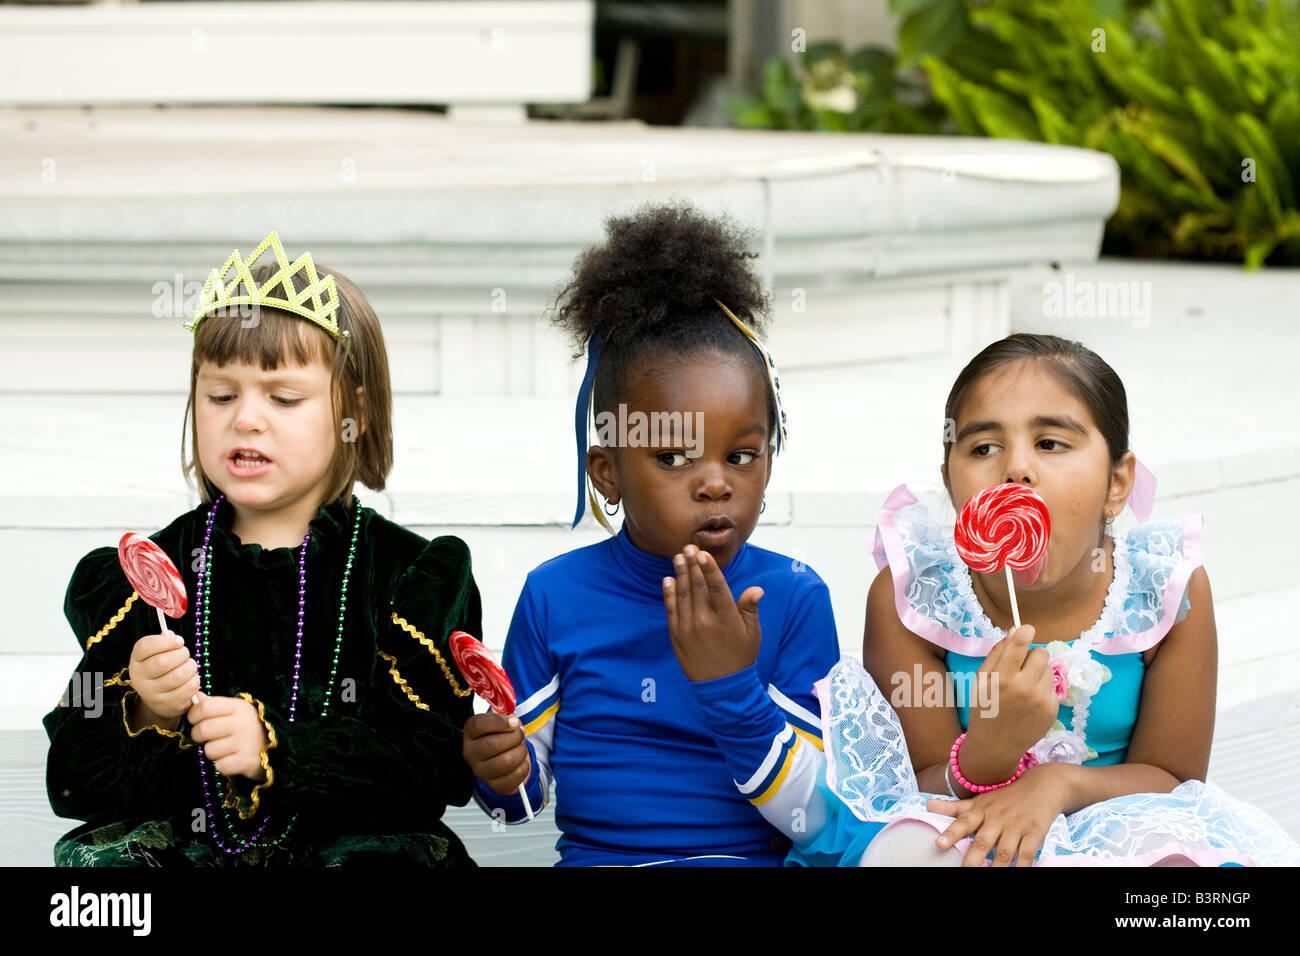 Kleine Mädchen, gekleidet in Halloween-Kostümen genießen ihr Lutscher, wie man erwischt Rothändige Stockbild